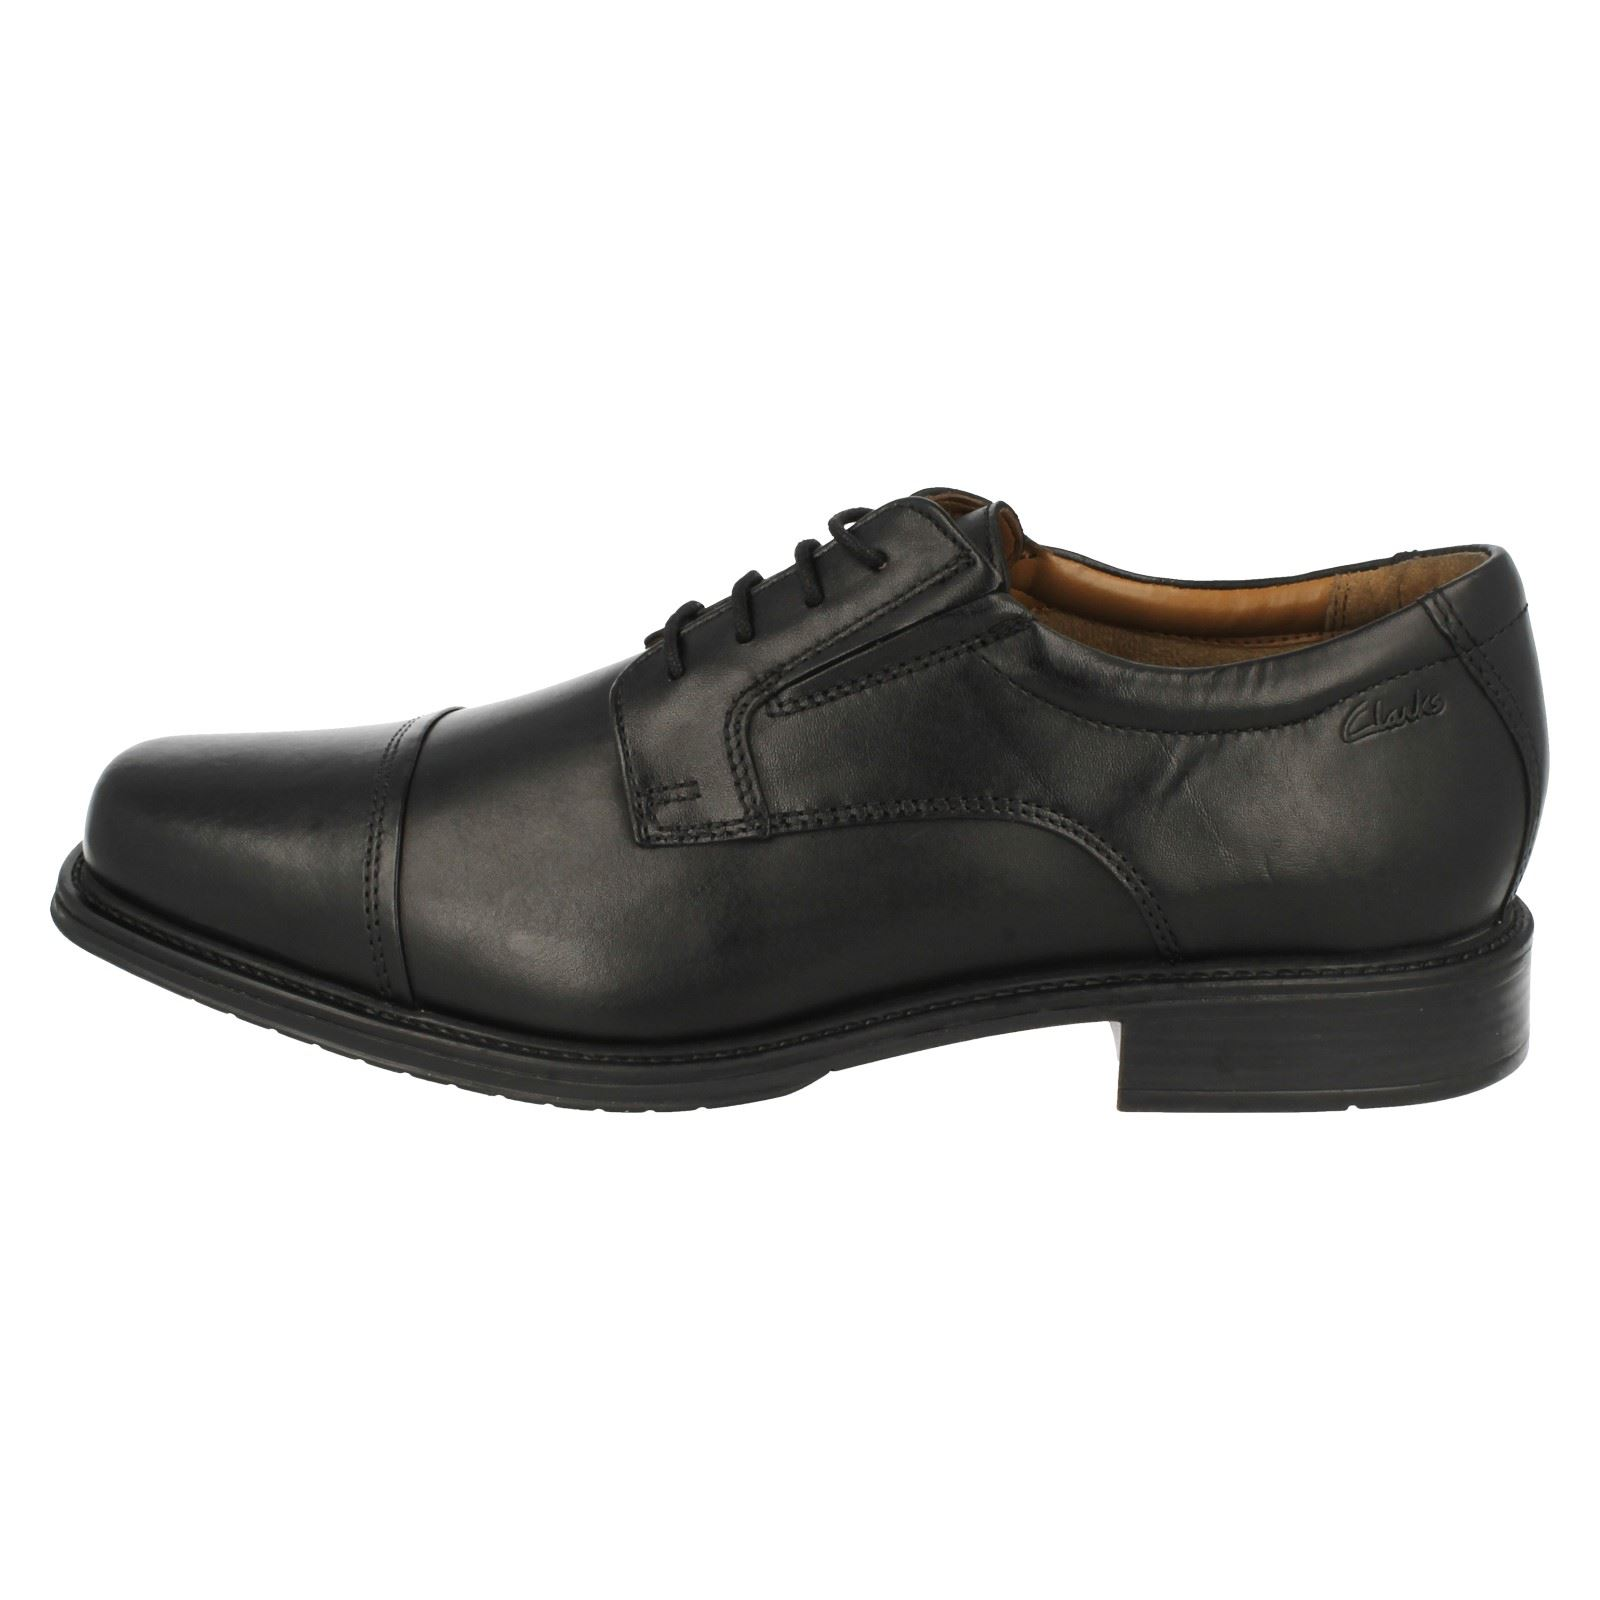 Gorra Con Cordones Zapatos Driggs Hombre Clarks xBv68